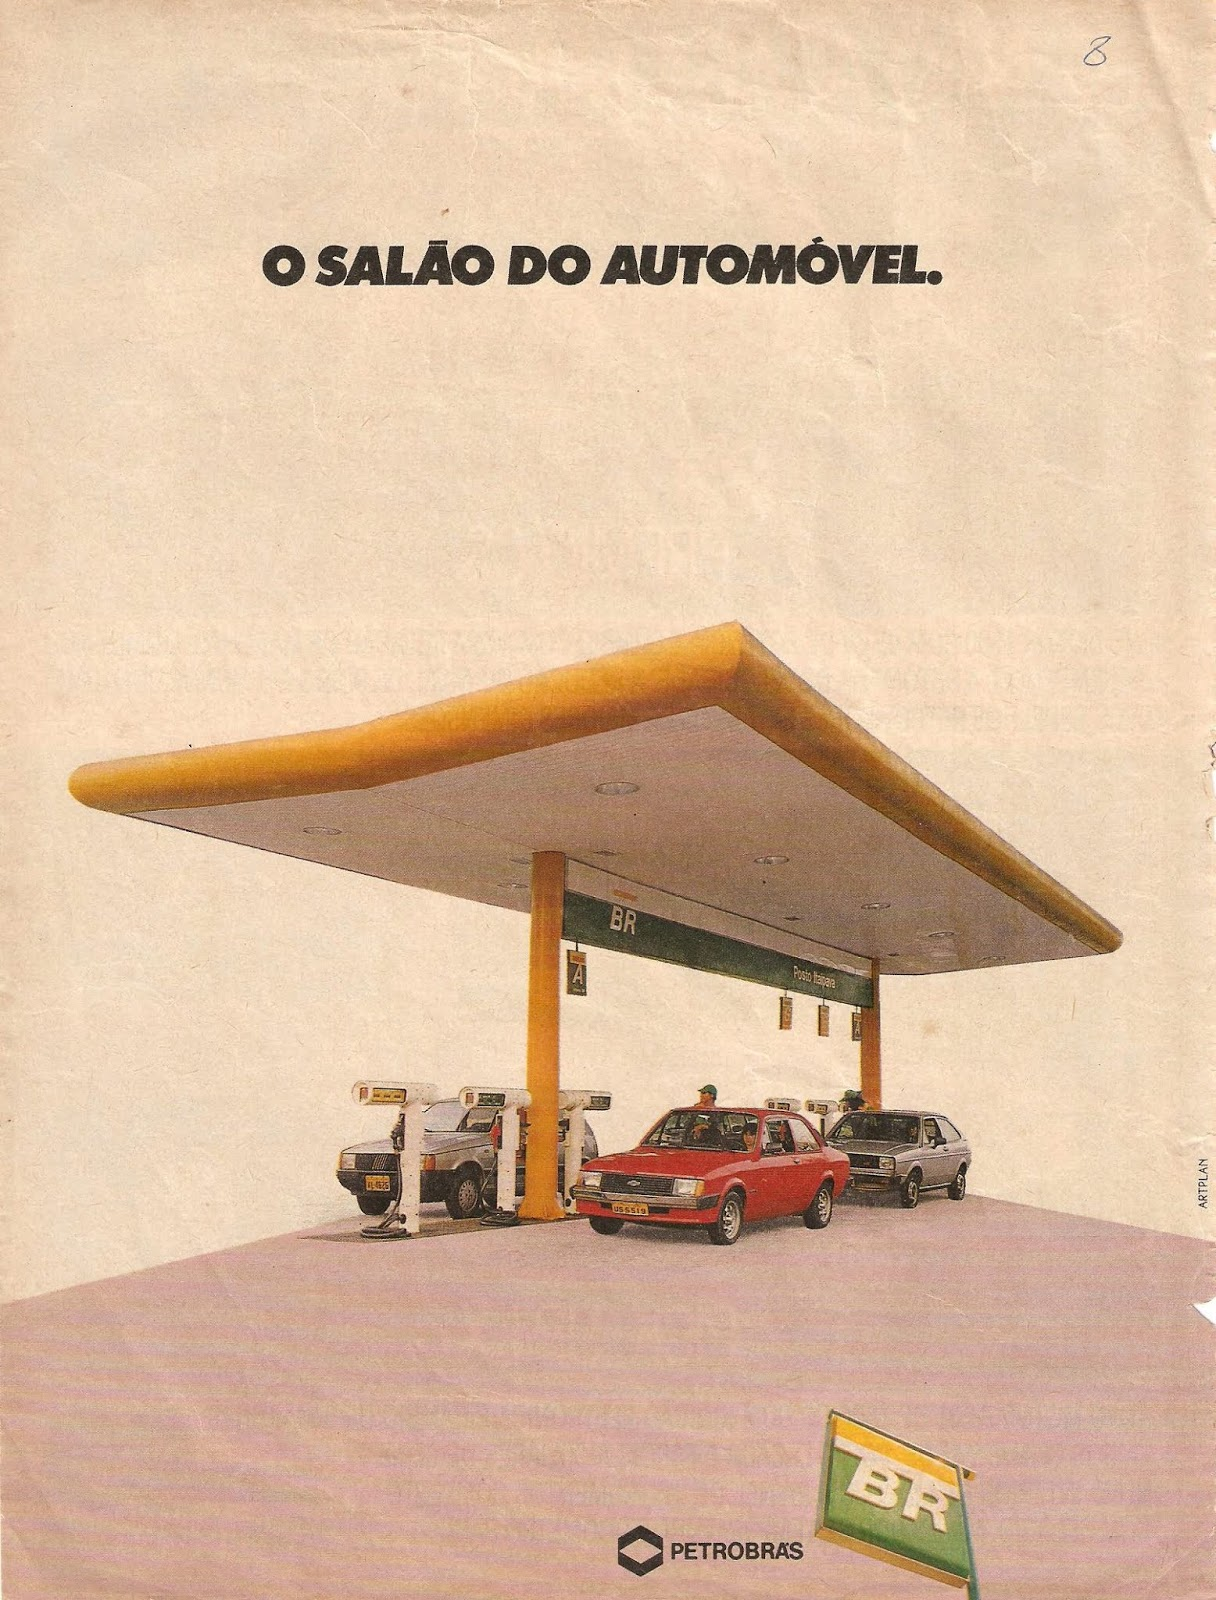 Campanha da Petrobrás promovendo sua participação no Salão do Automóvel em 1988